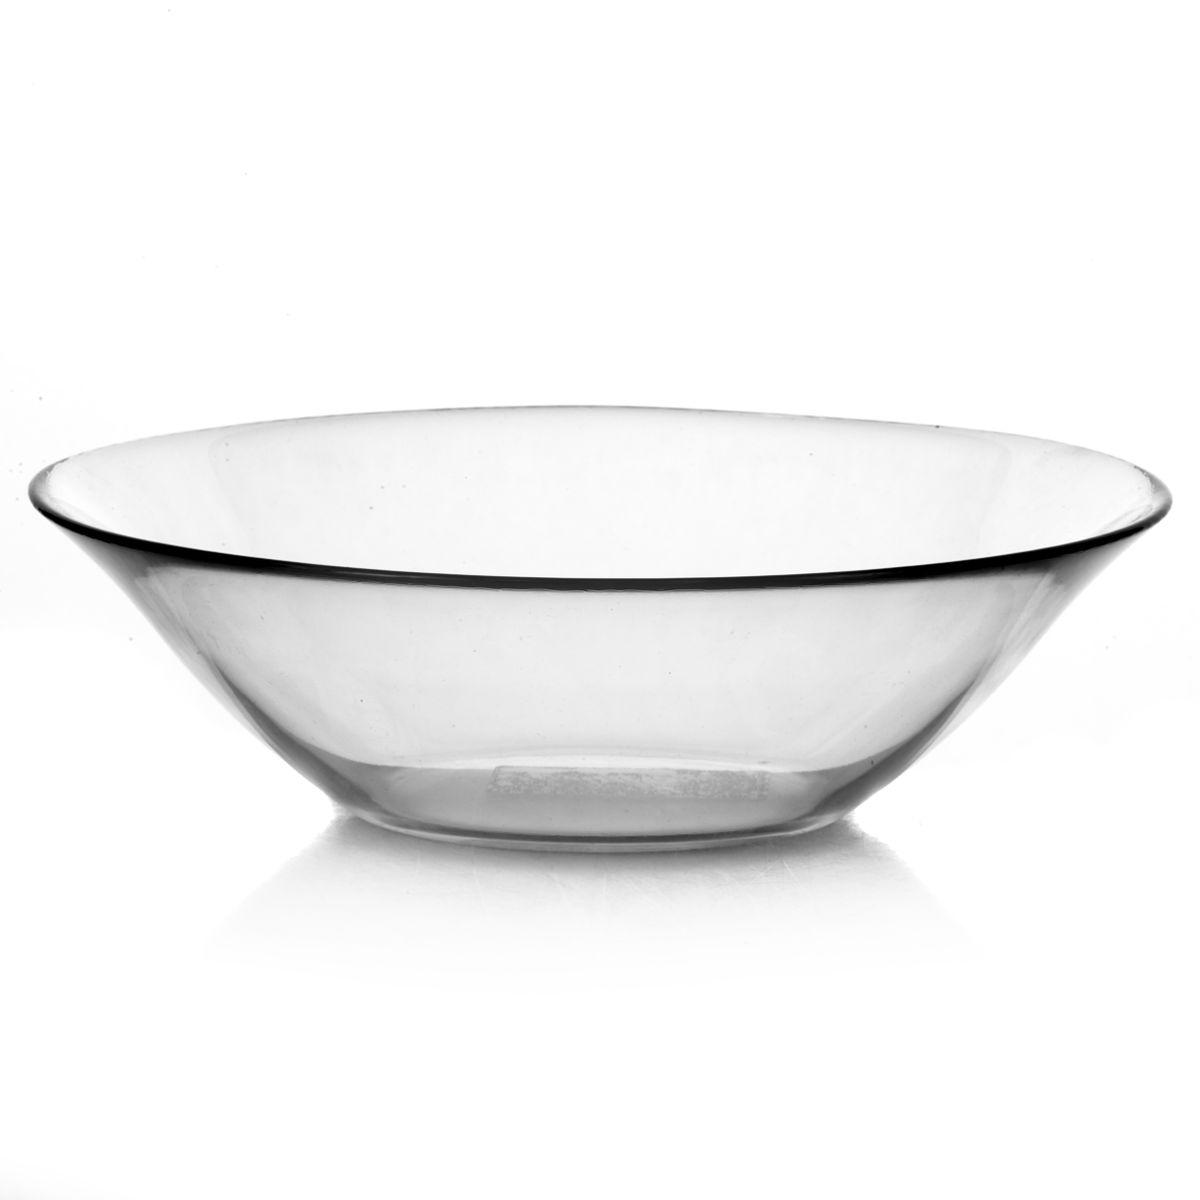 Салатник Pasabahce Invitation, диаметр 22,5 см10415BСалатник Pasabahce Invitation, выполненный из прозрачного высококачественного натрий-кальций-силикатного стекла, предназначен для красивой сервировки различных блюд. Салатник сочетает в себе лаконичный дизайн с максимальной функциональностью. Оригинальность оформления придется по вкусу и ценителям классики, и тем, кто предпочитает утонченность и изящность.Можно использовать в холодильной камере, микроволновой печи и мыть в посудомоечной машине. Диаметр салатника: 22,5 см.Высота салатника: 7 см.